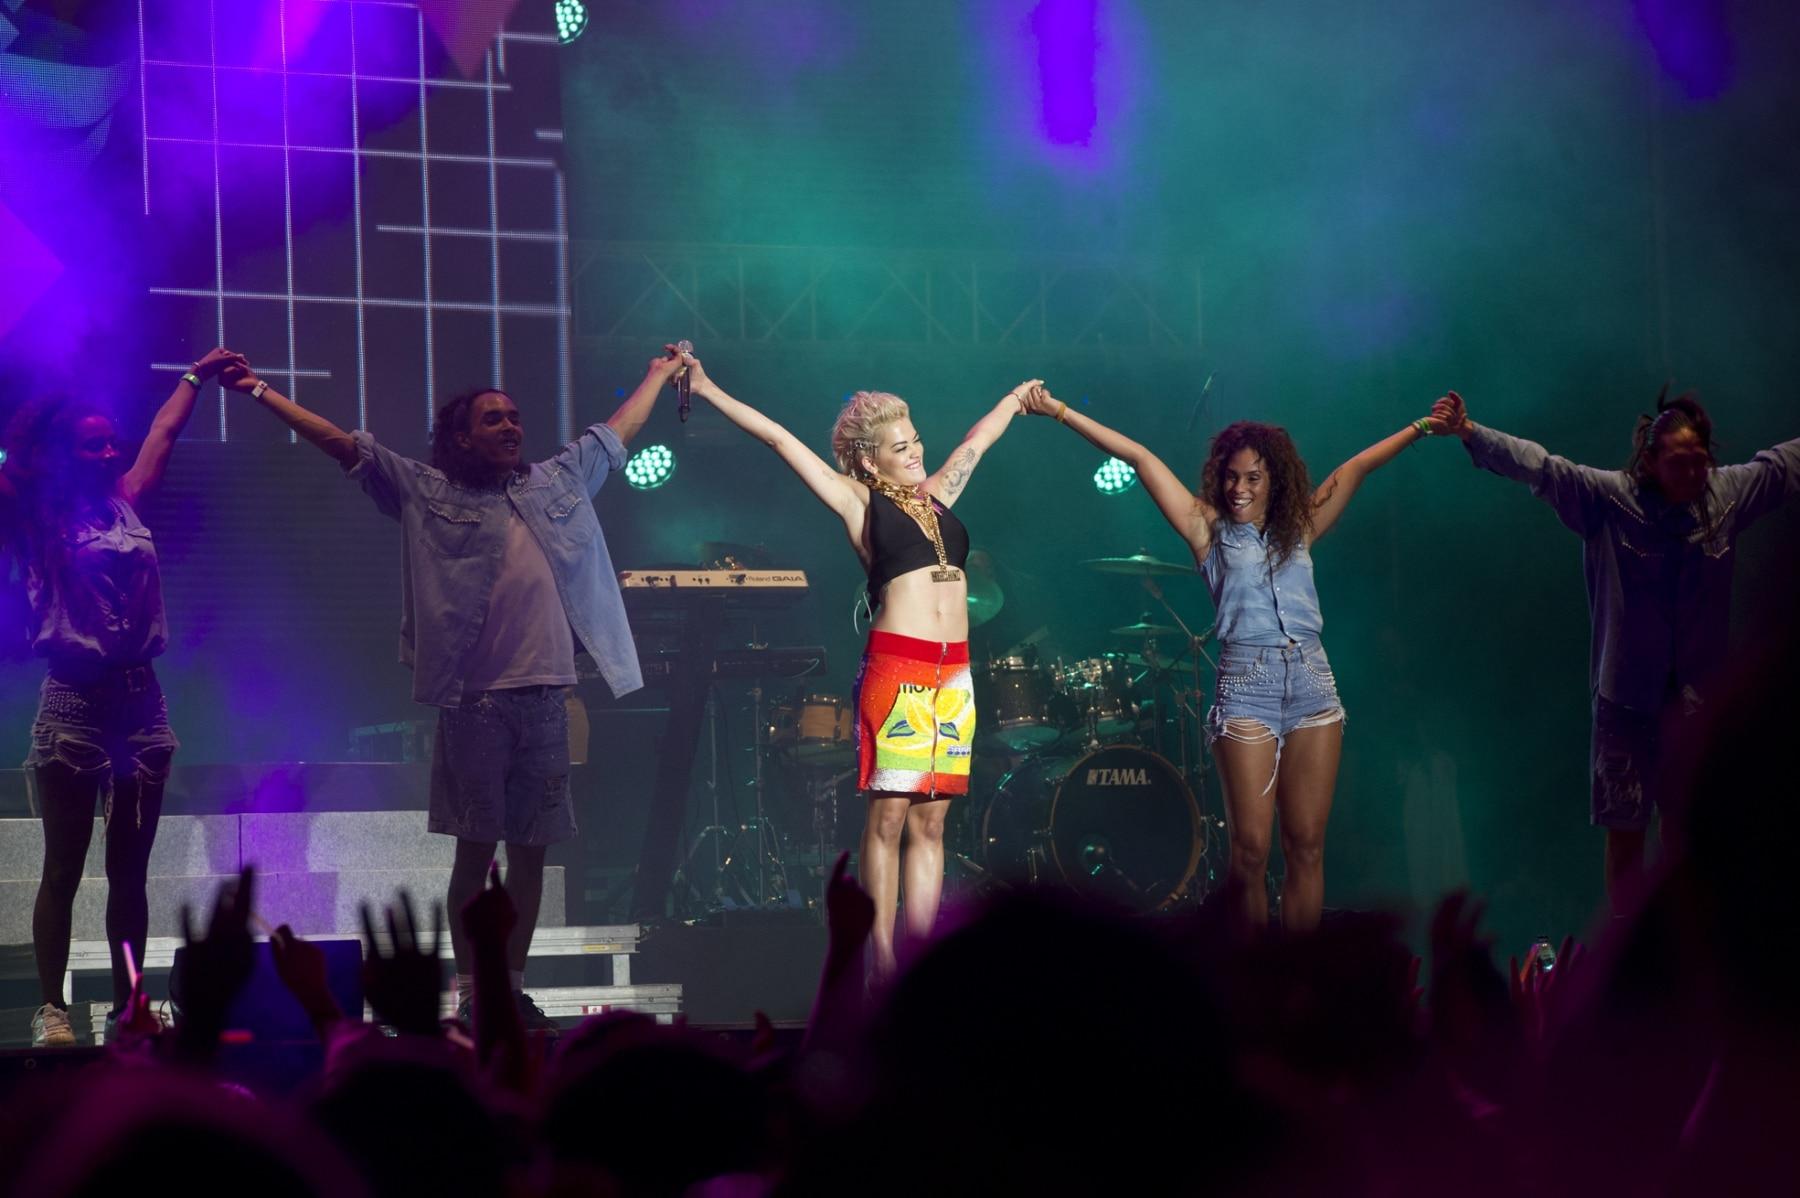 6-de-septiembre-2014-iii-gibraltar-music-festival37_15145365246_o